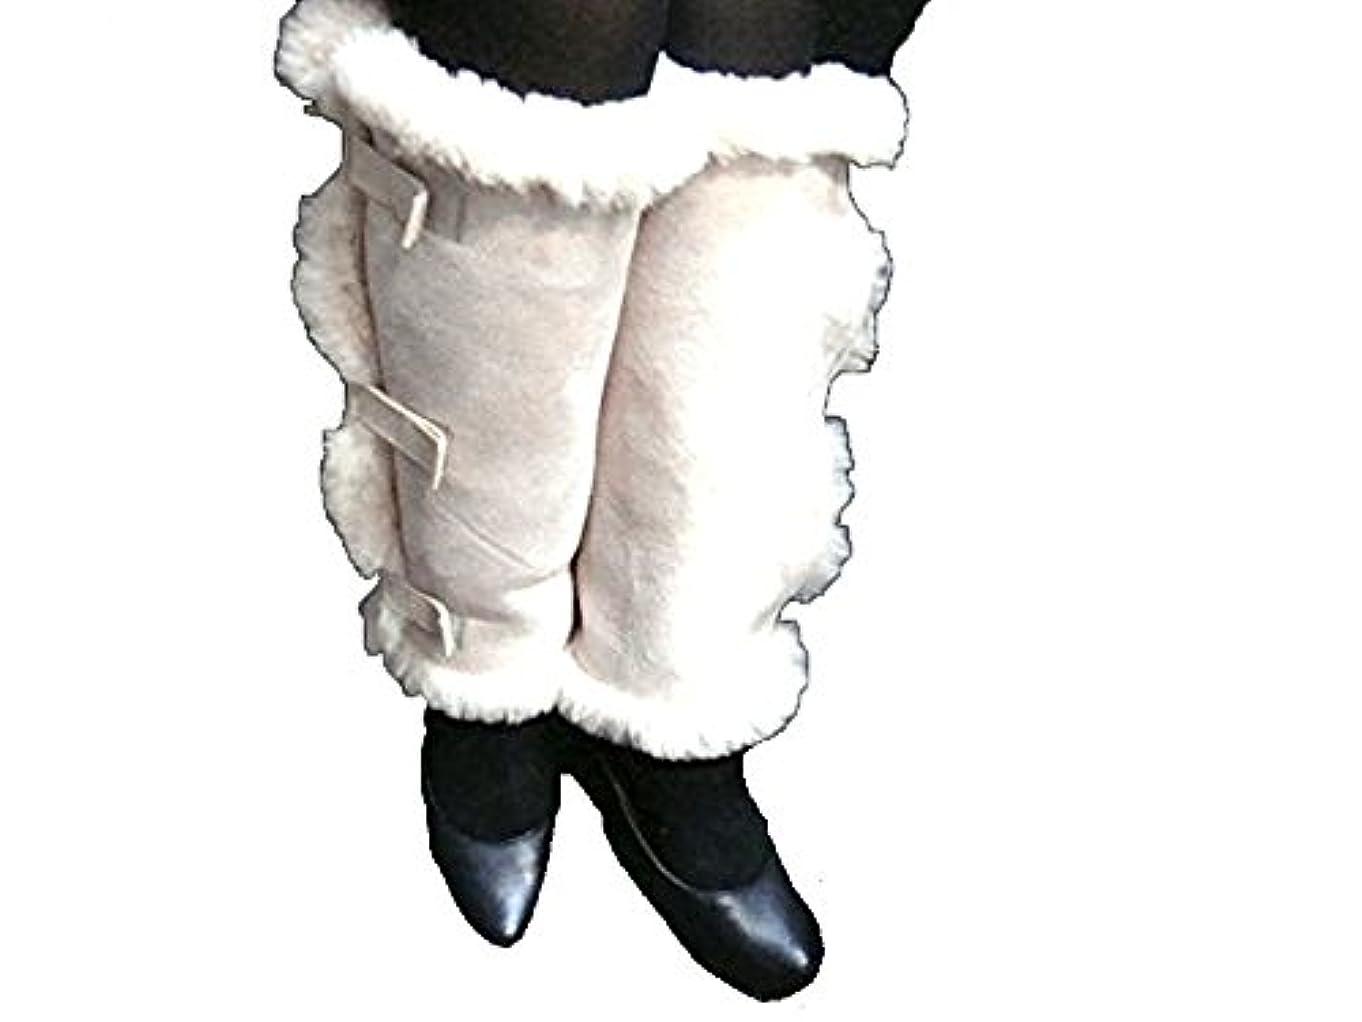 衣類おじいちゃんファシズムFURFURMOUTON ムートン100% あったか ムートン レッグウォーマー 冷え性対策 冷えとり 防寒グッズ 天然素材 オーストラリア産原皮を使用 MD-ML0001